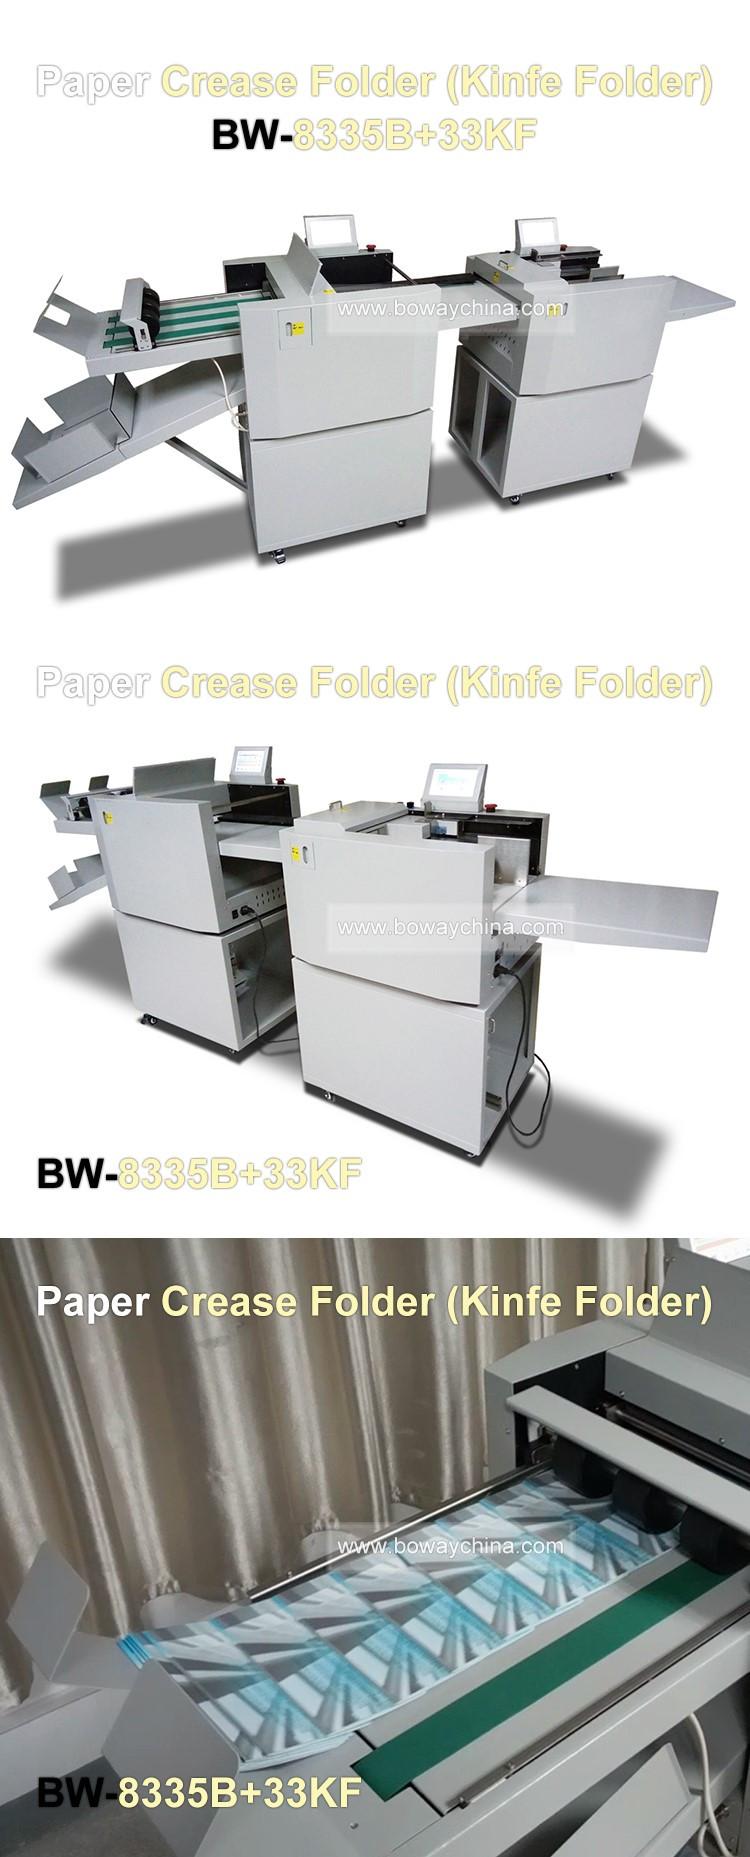 8335B33KF Machine.jpg